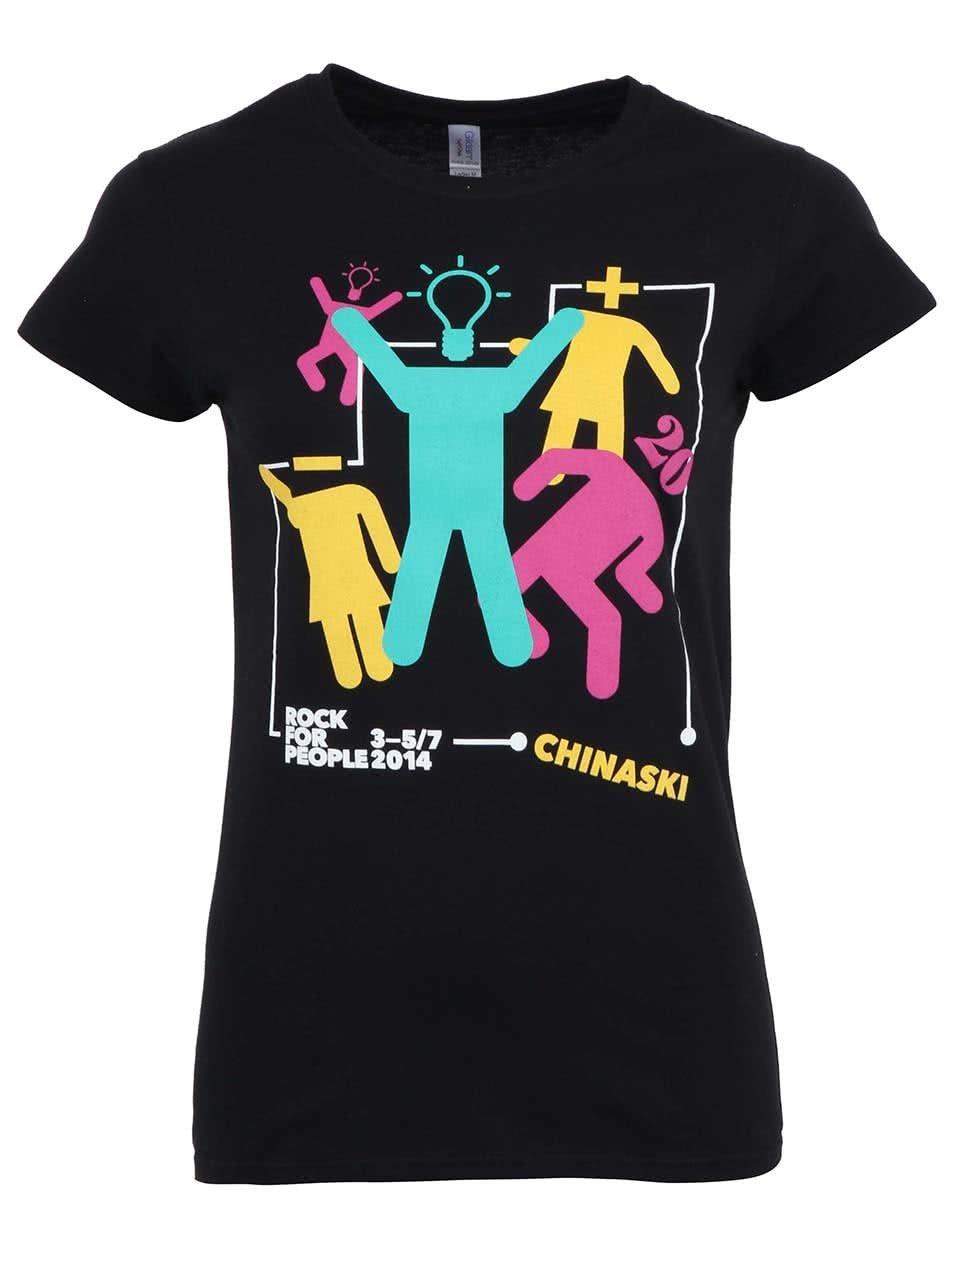 a95073488bde Černé dámské tričko Chinaski ROCK FOR PEOPLE